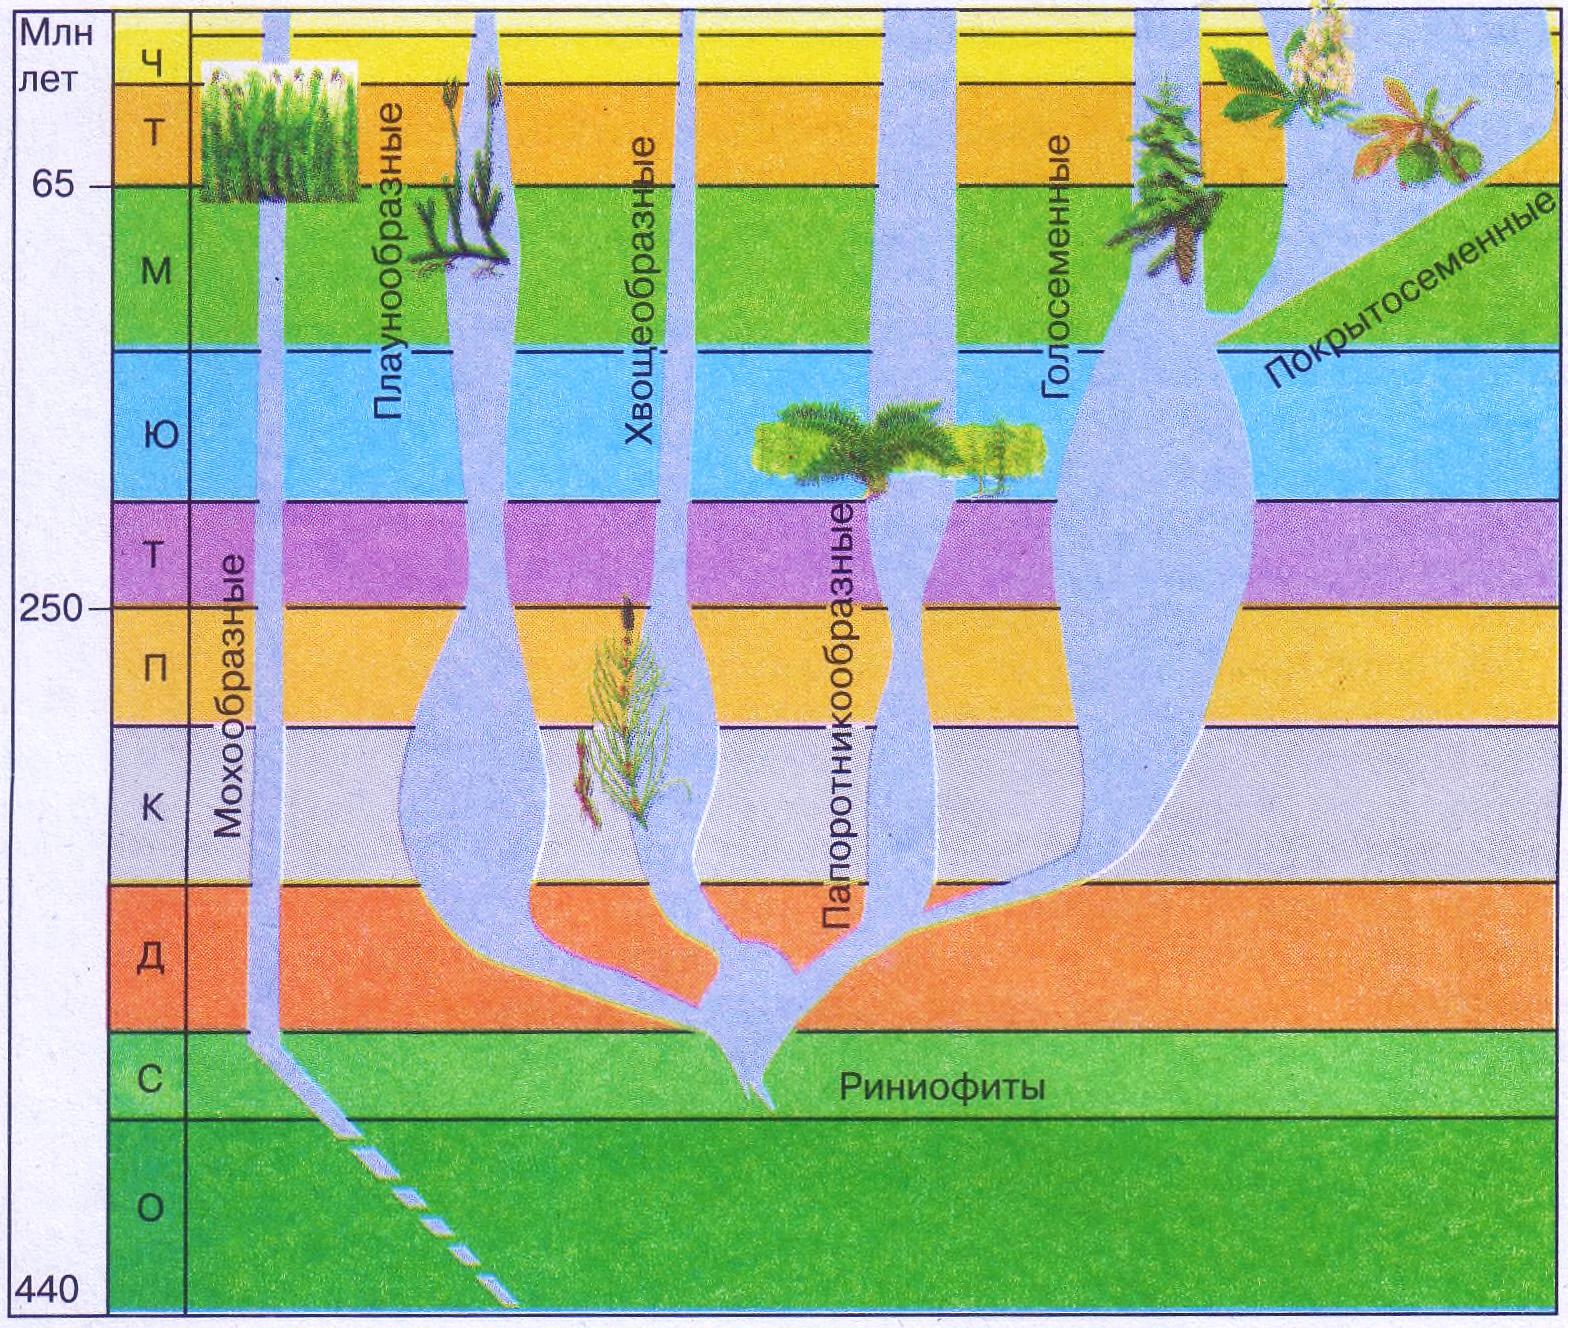 Пути и закономерности эволюции растений Биология Реферат  Рис 225 Родословное древо высших растений